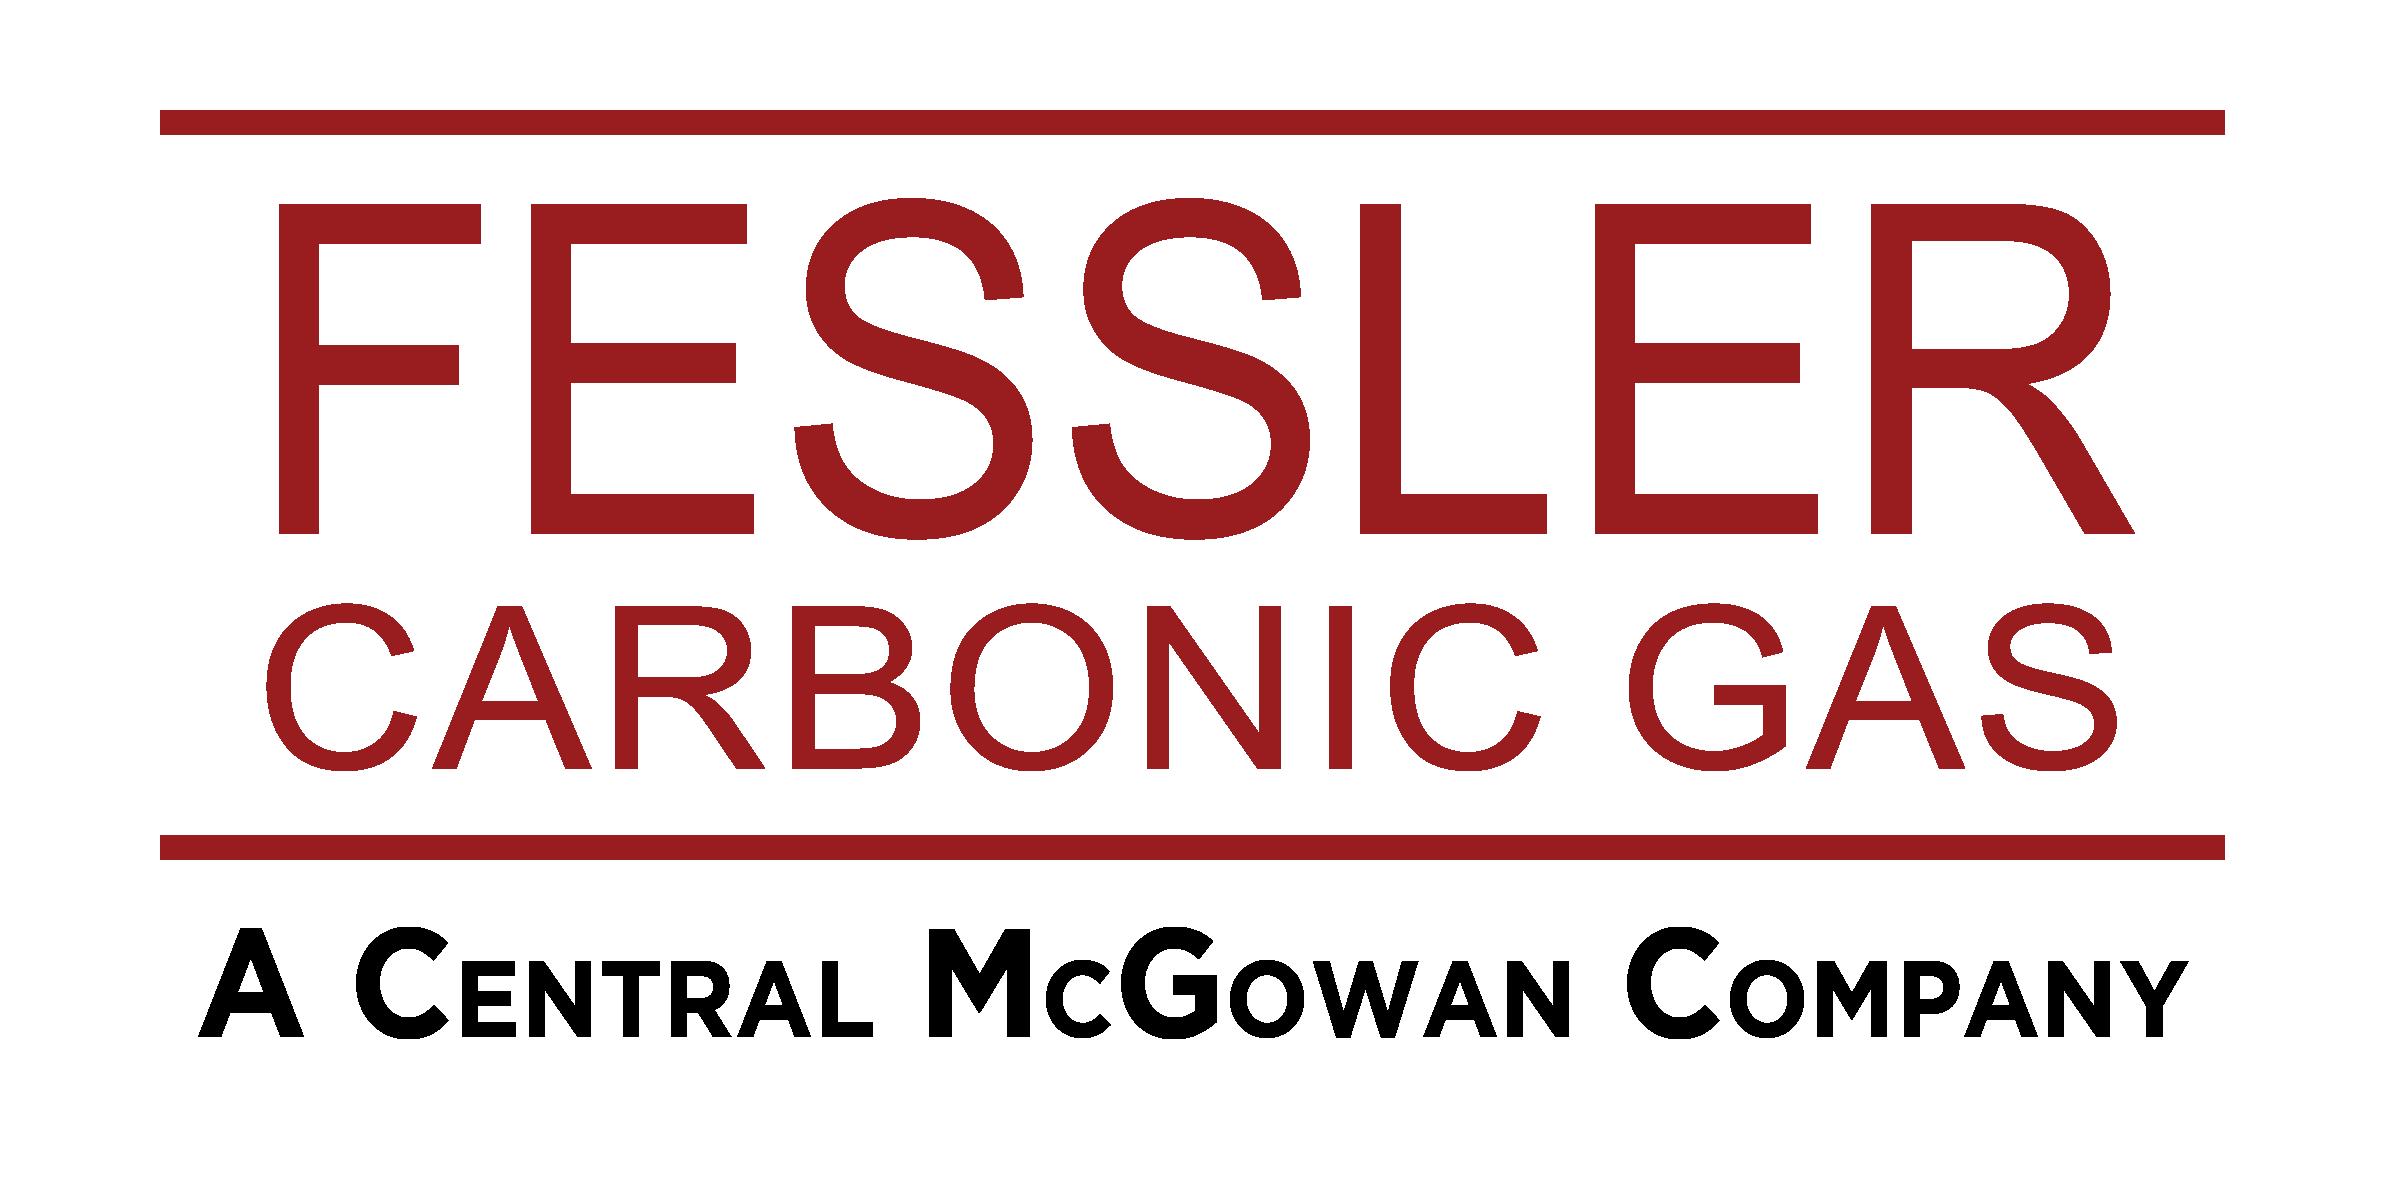 fesslercarbonicgas.com